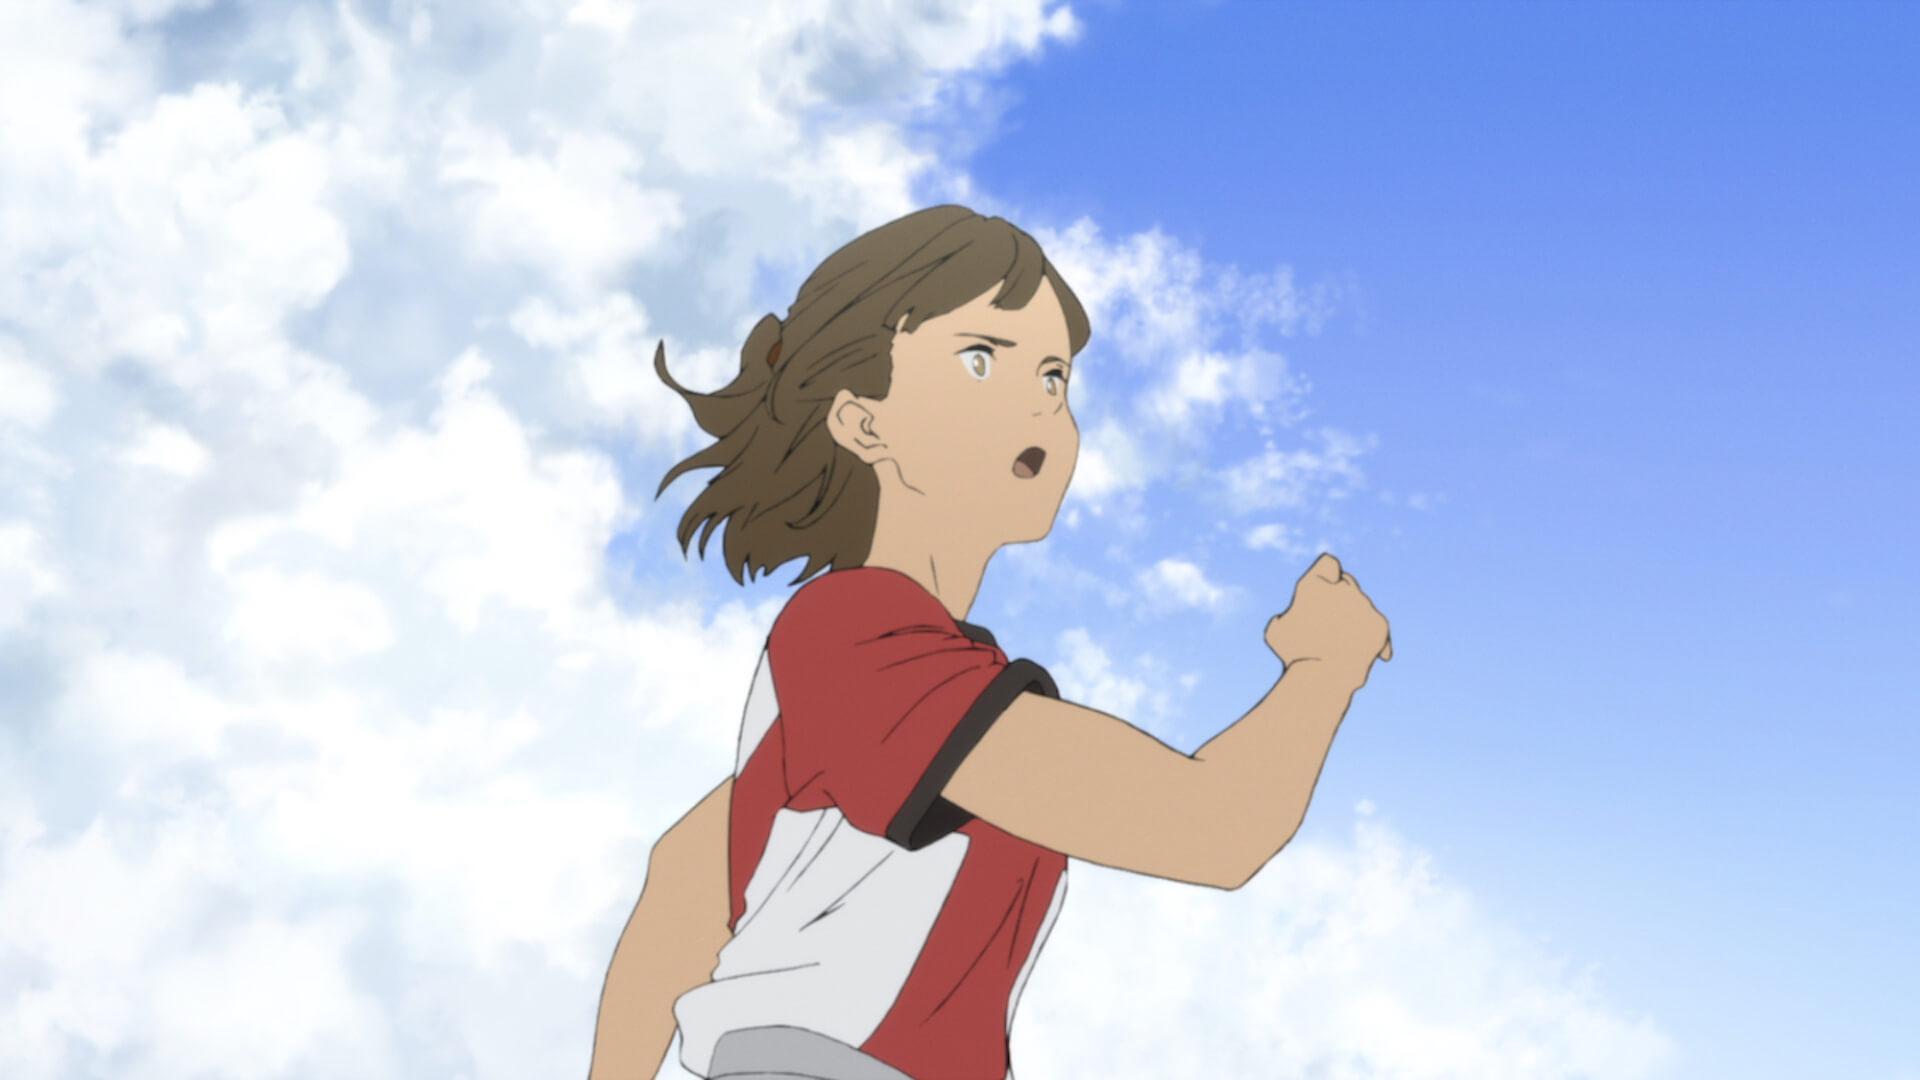 日本が沈没したのちの運命とは?Netflix『日本沈没2020』の本予告&豪華声優陣が解禁 film200529_nihonchimbotsu_11